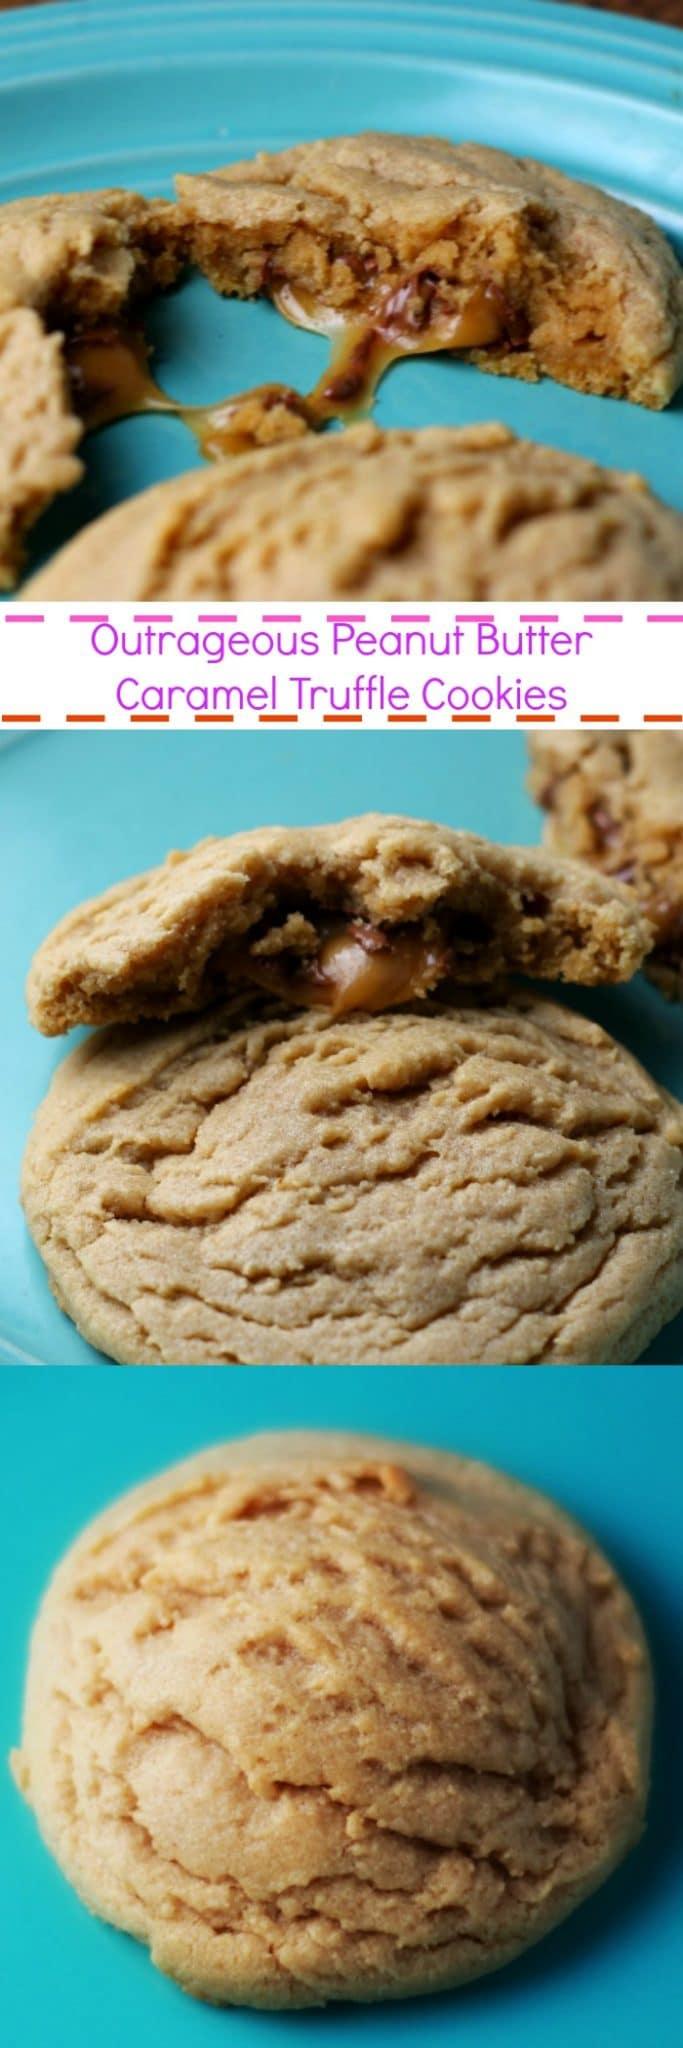 Outrageous Peanut Butter Caramel Truffle Cookies